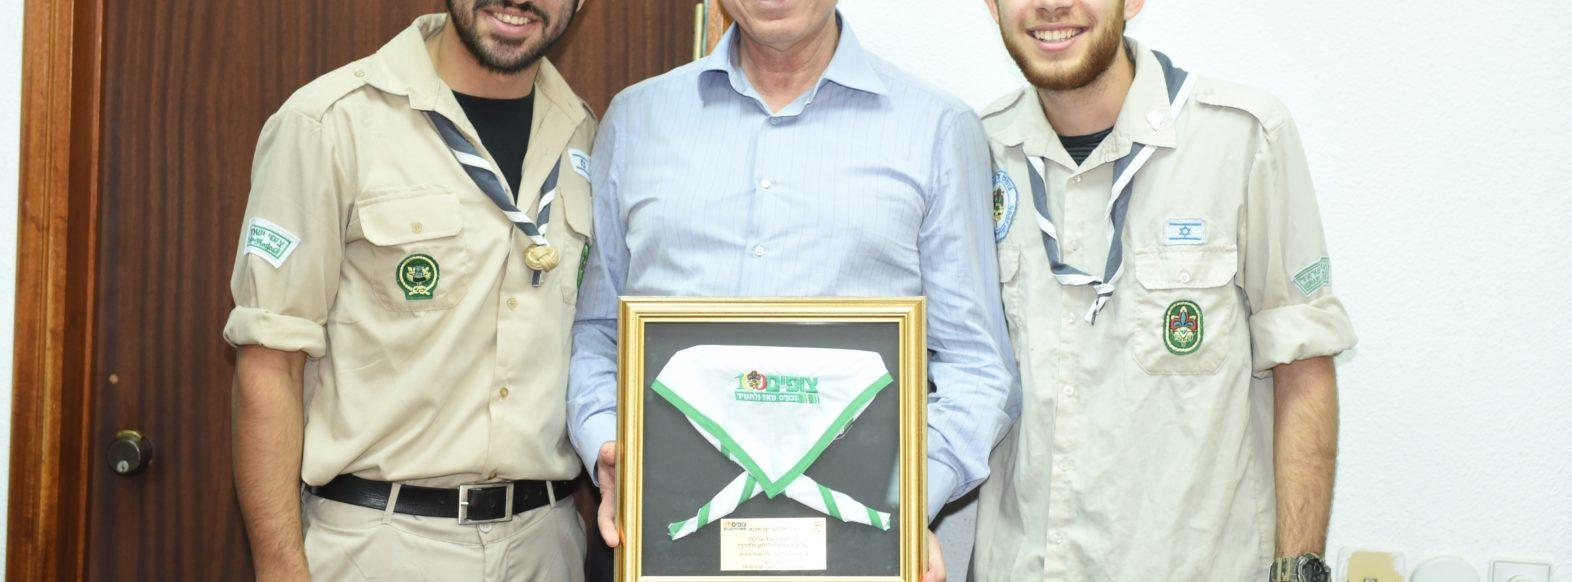 צופי קריית אתא העניקו לראש העיר מגן הוקרה